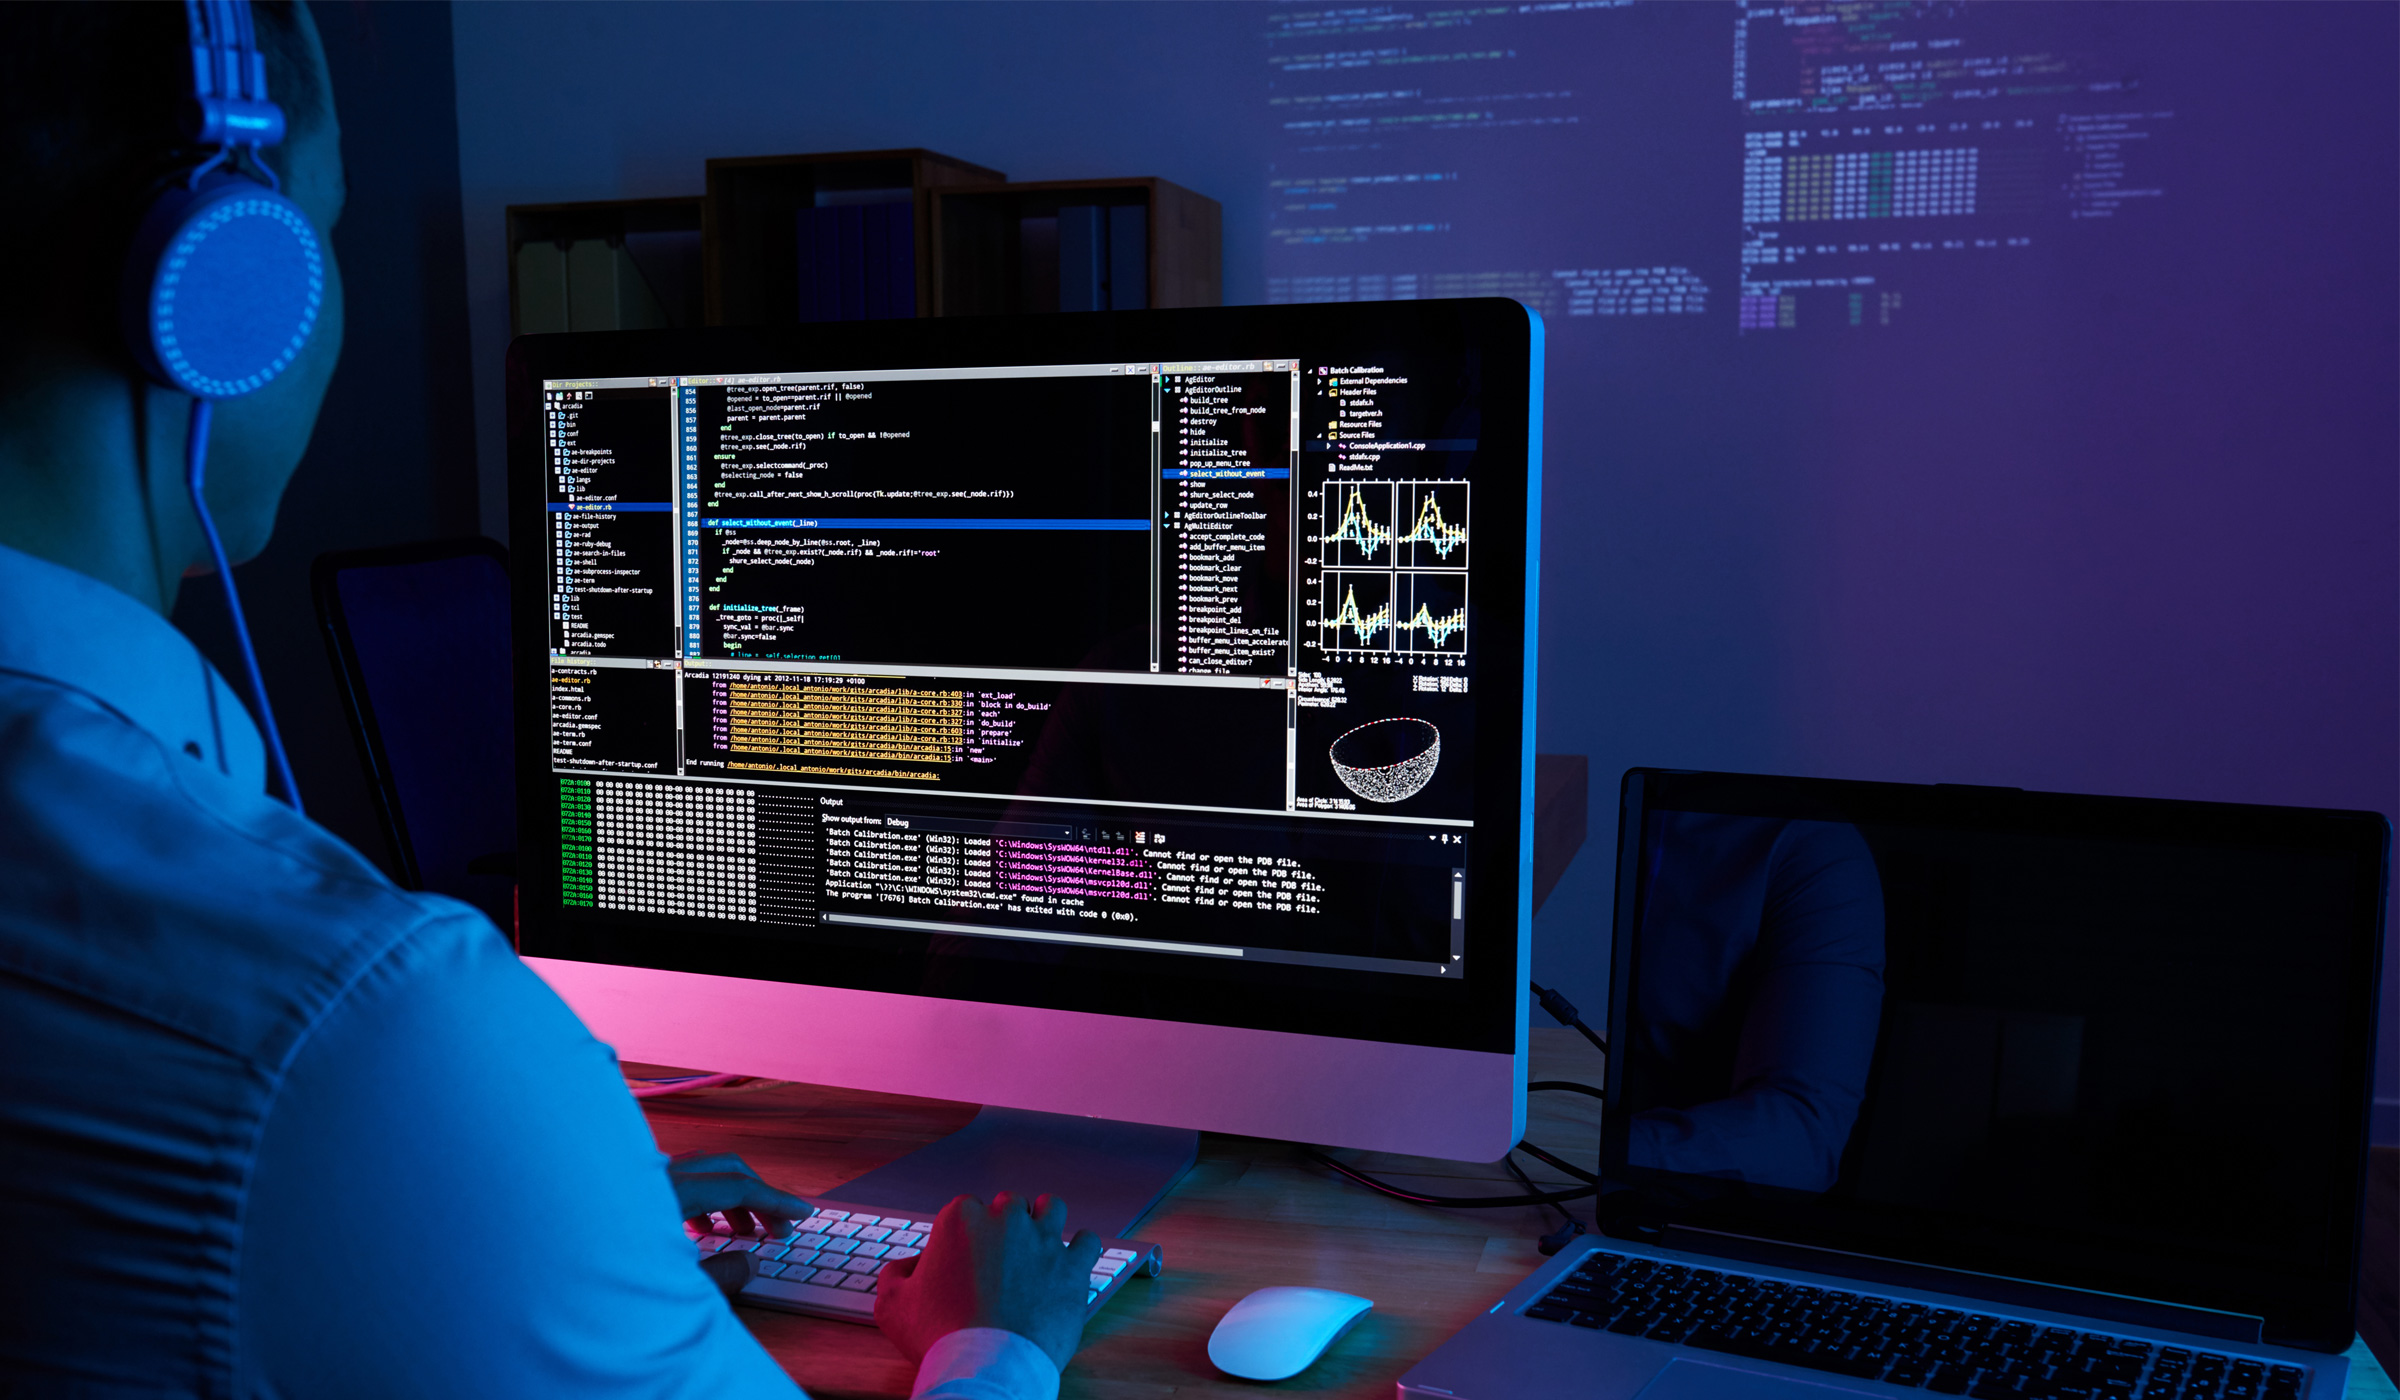 Ingeniería de Sistemas, Informática y Ciencias de la Computación